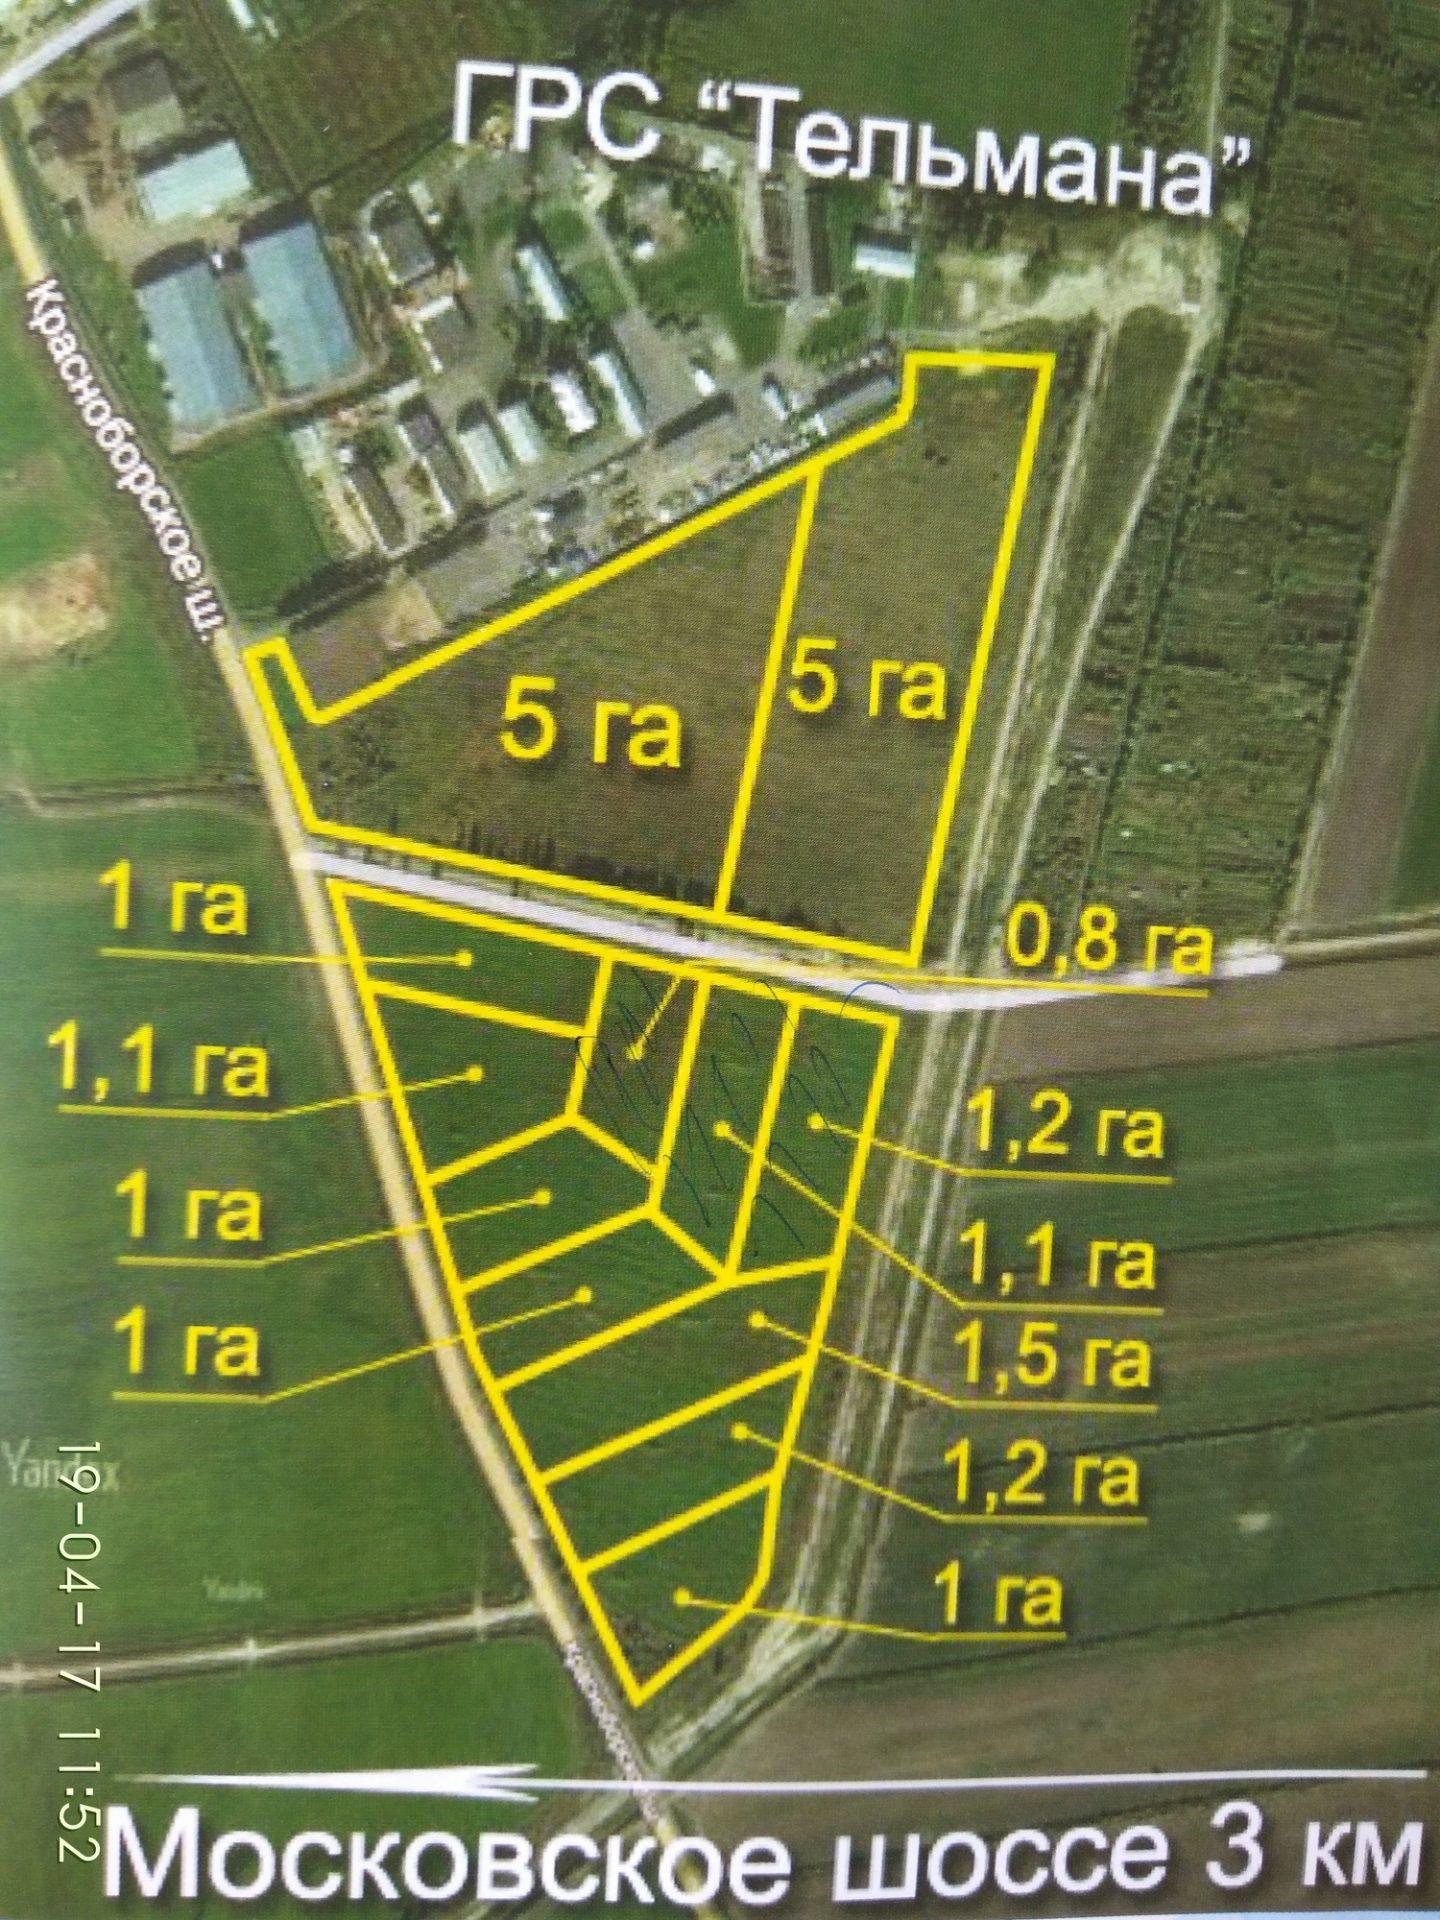 Продается земля пром. назначения от 1 Га для производственно-складских объектов до 4 класса, п.Тельмана.